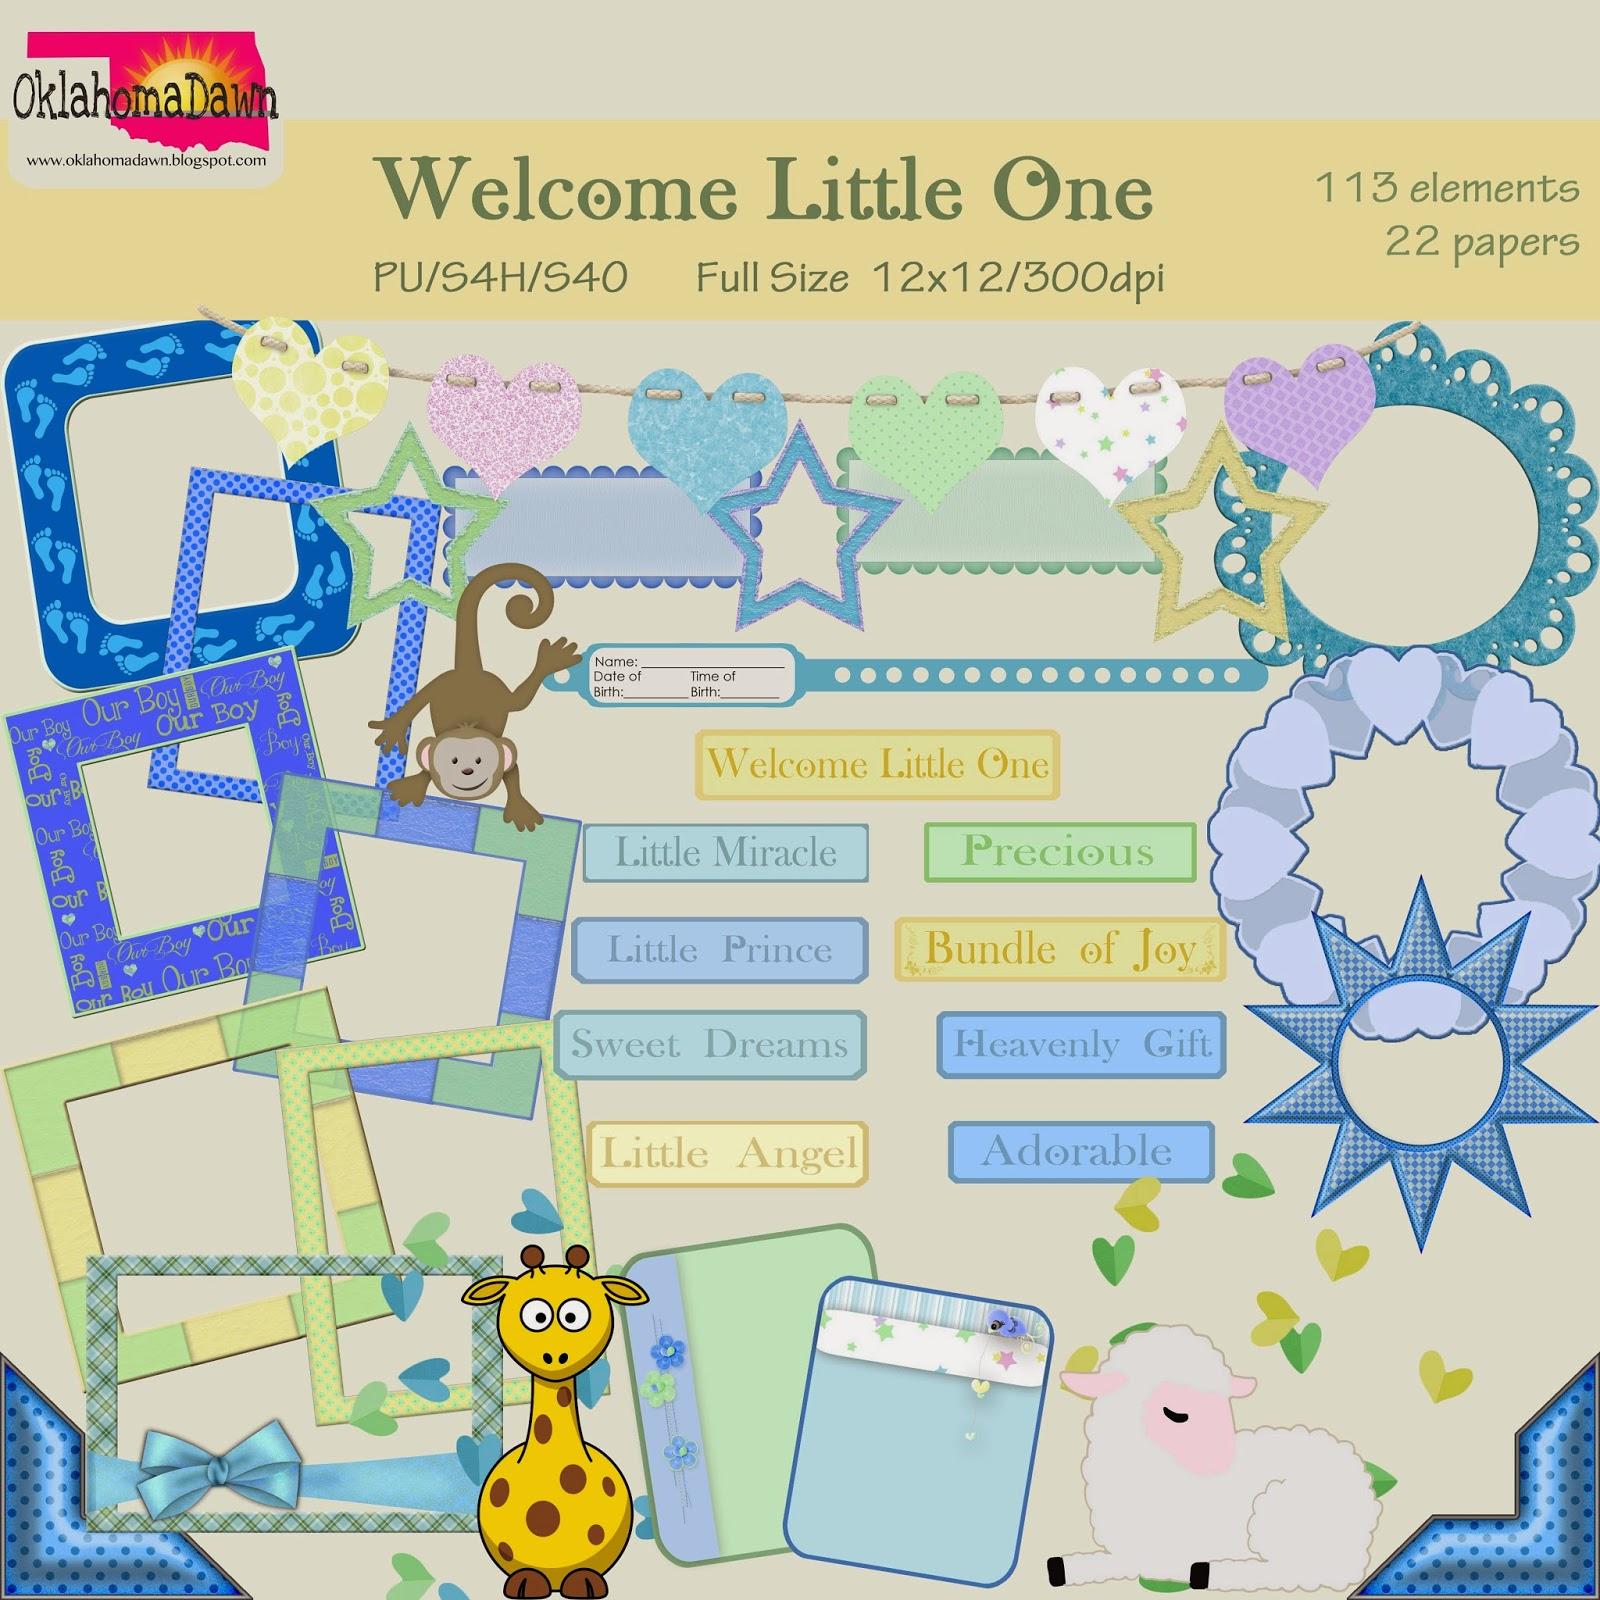 http://3.bp.blogspot.com/-8UReqM5roBY/VHE0wUN6WJI/AAAAAAAAA8k/DoOUbRoskg0/s1600/Preview_elements3.jpg